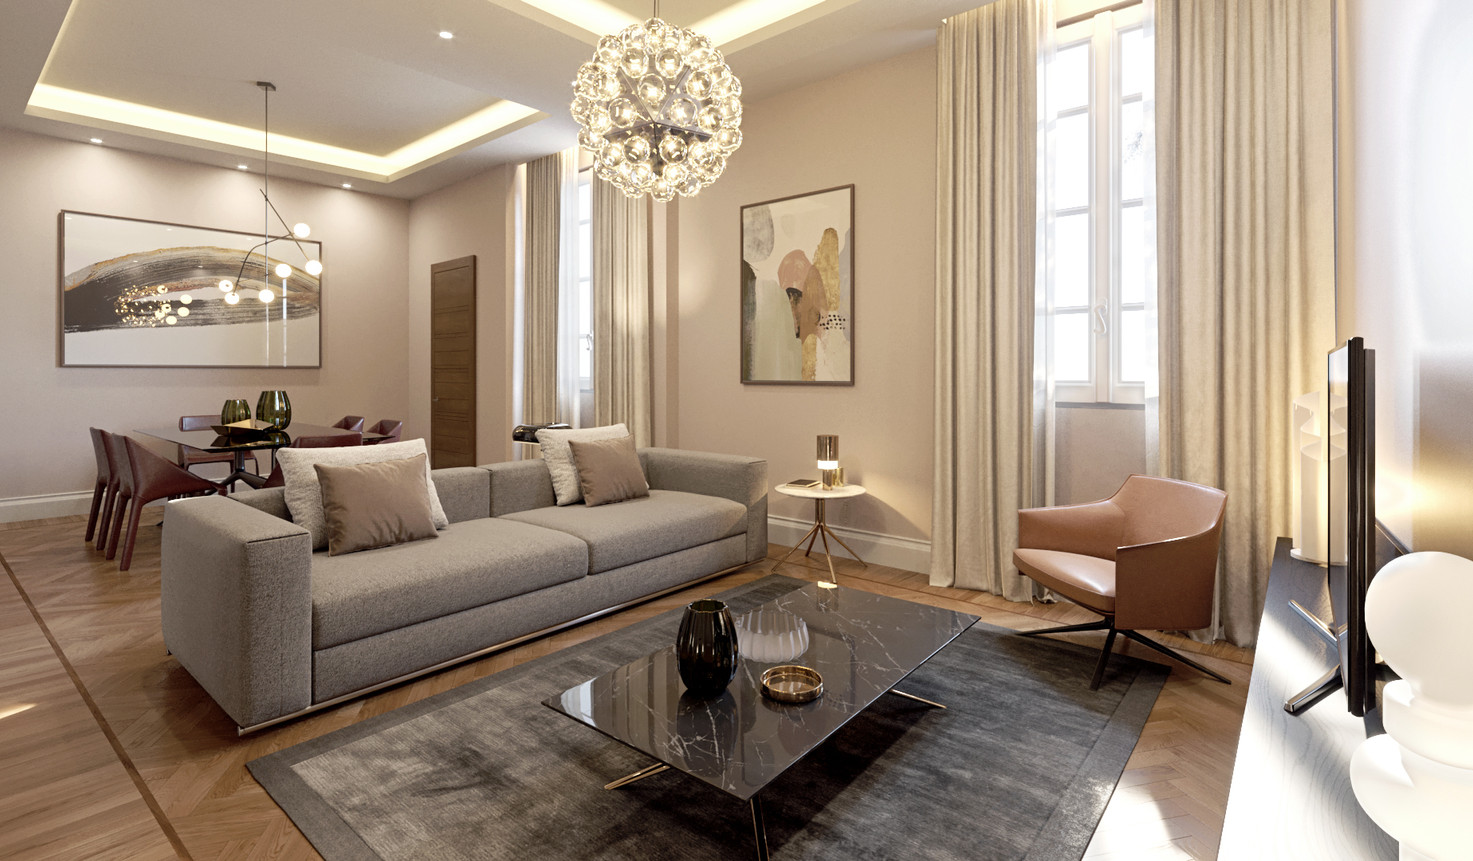 PPS-APT 11_Livingroom-STILL CAMERA.jpg